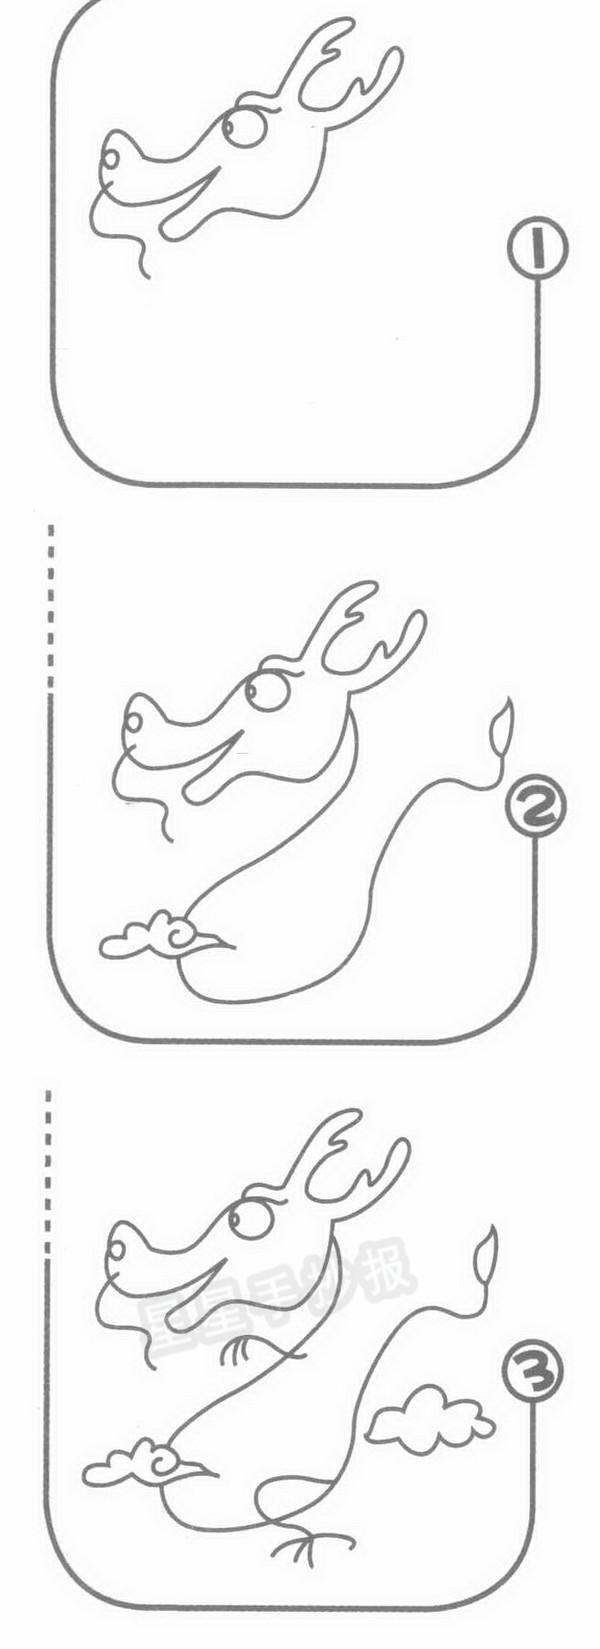 中国龙简笔画